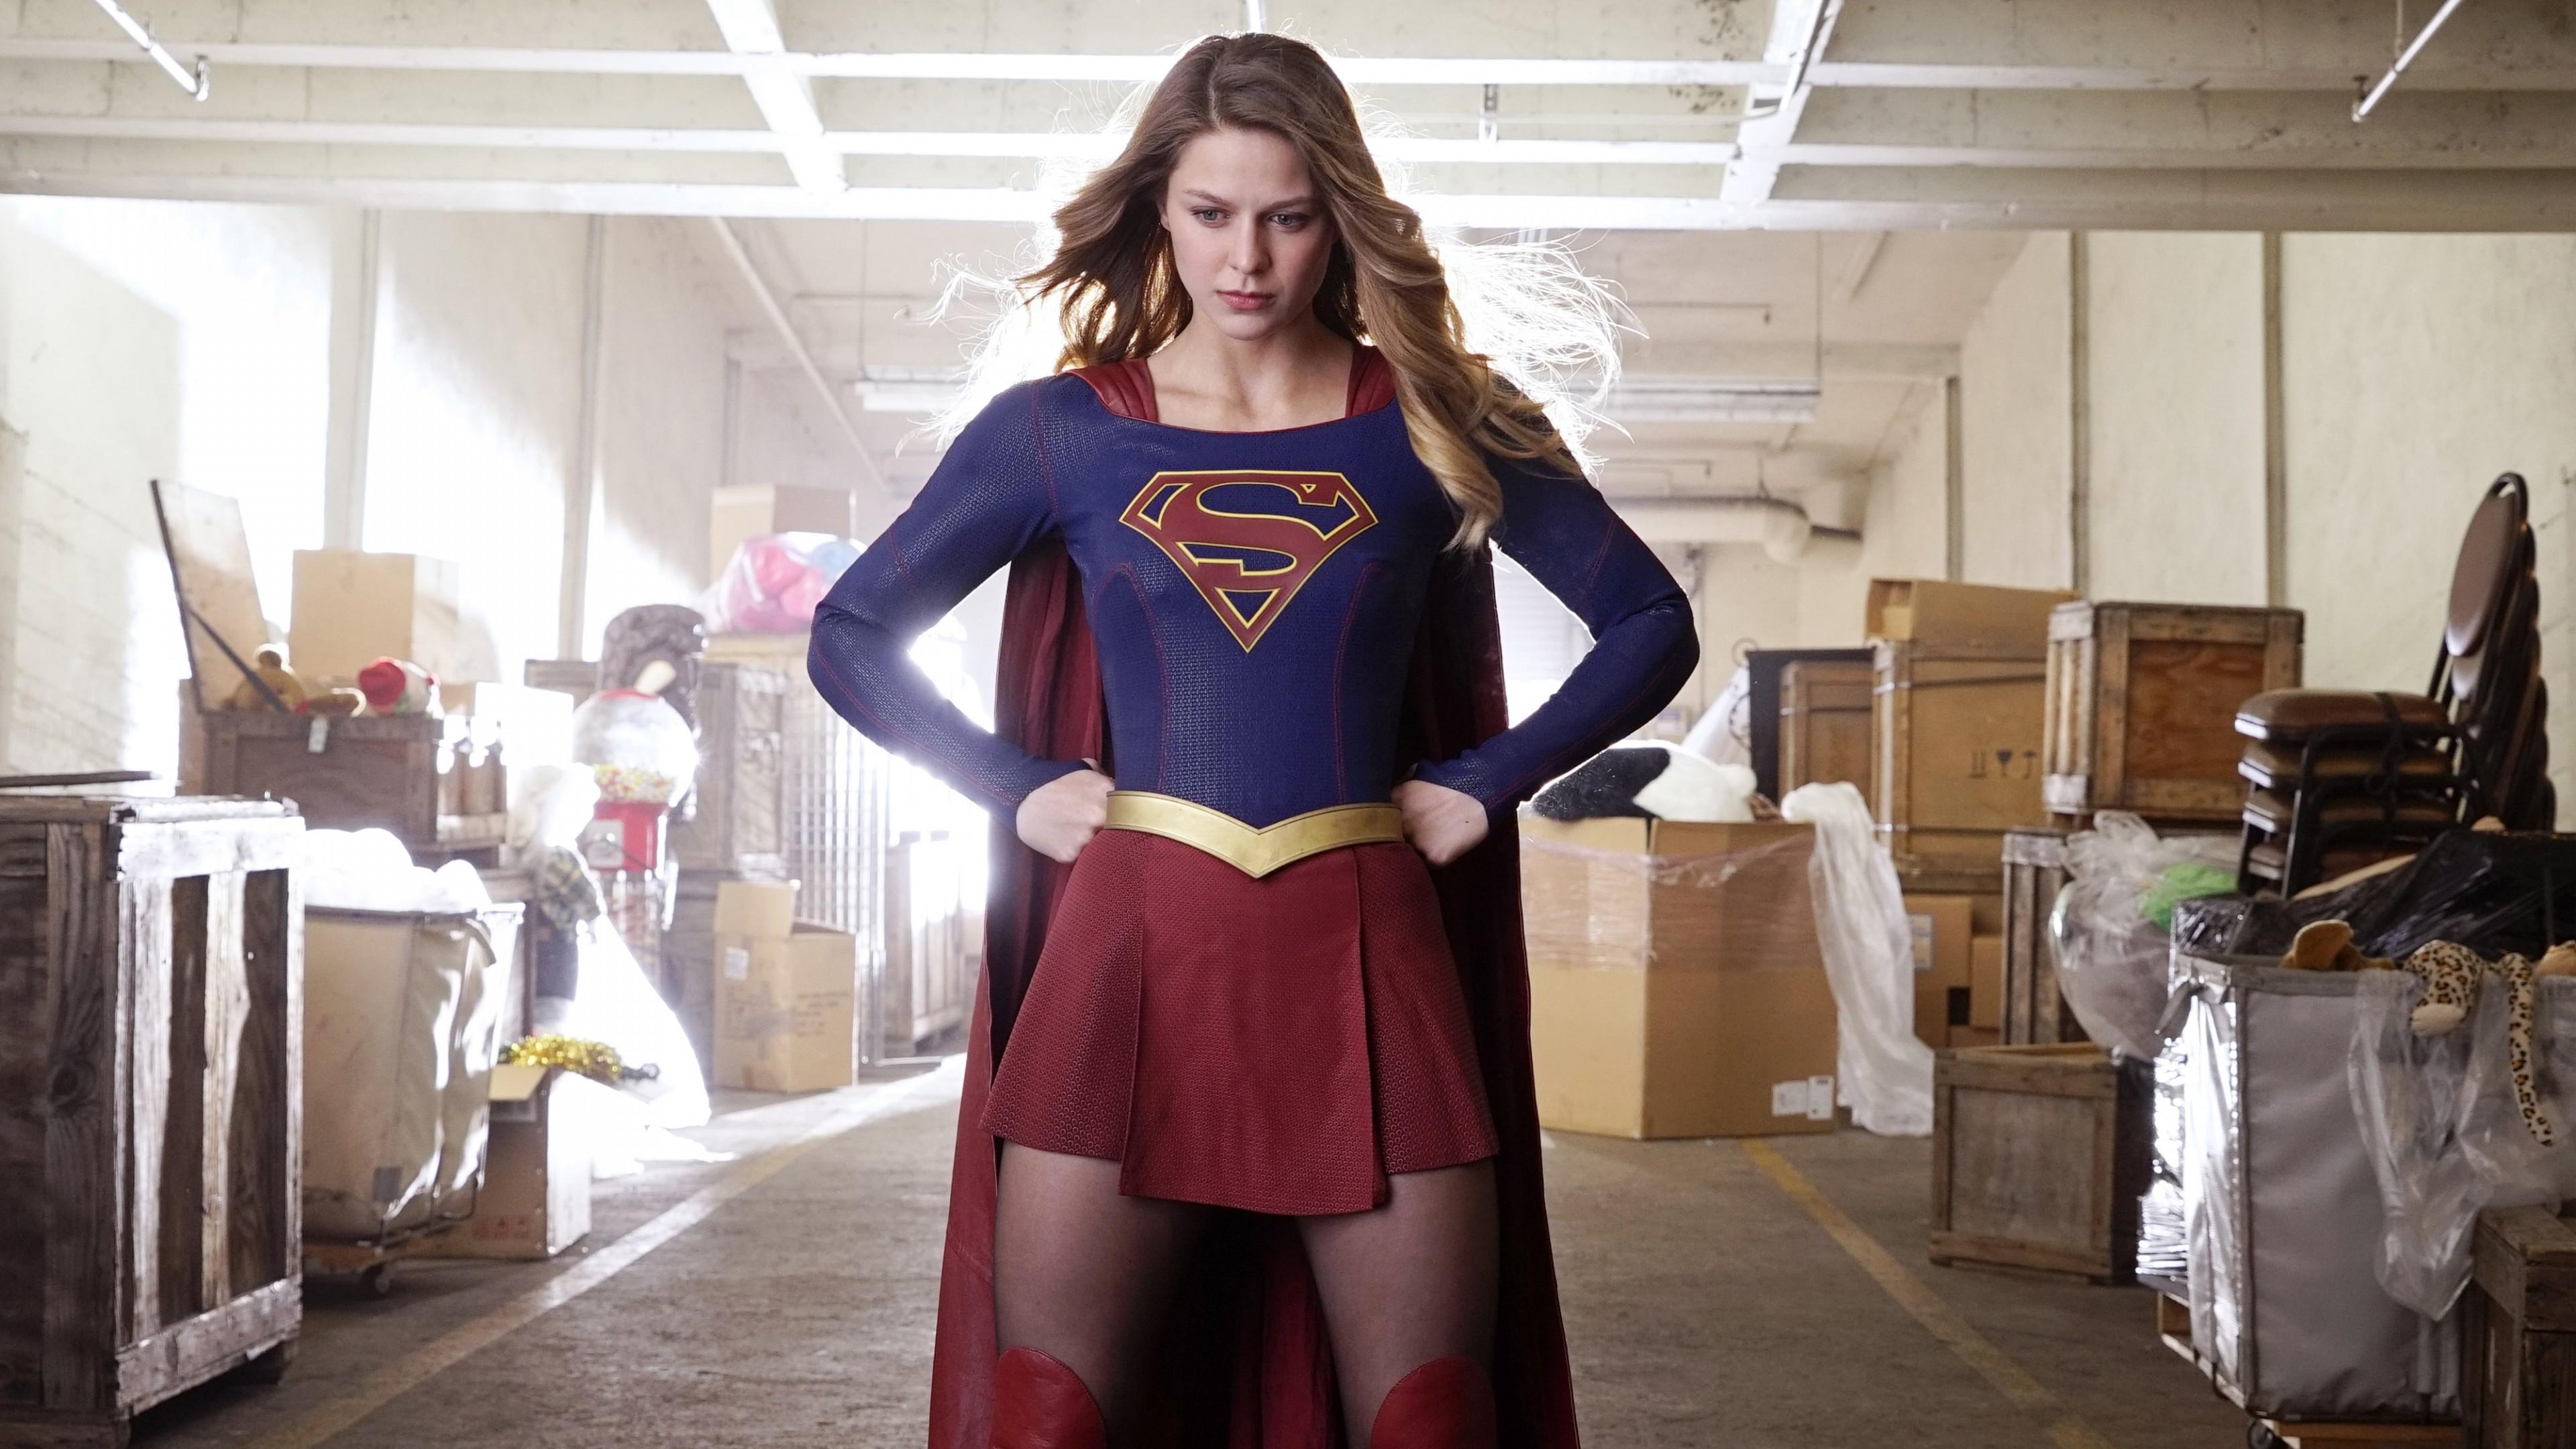 supergirl wallpaper 4k background